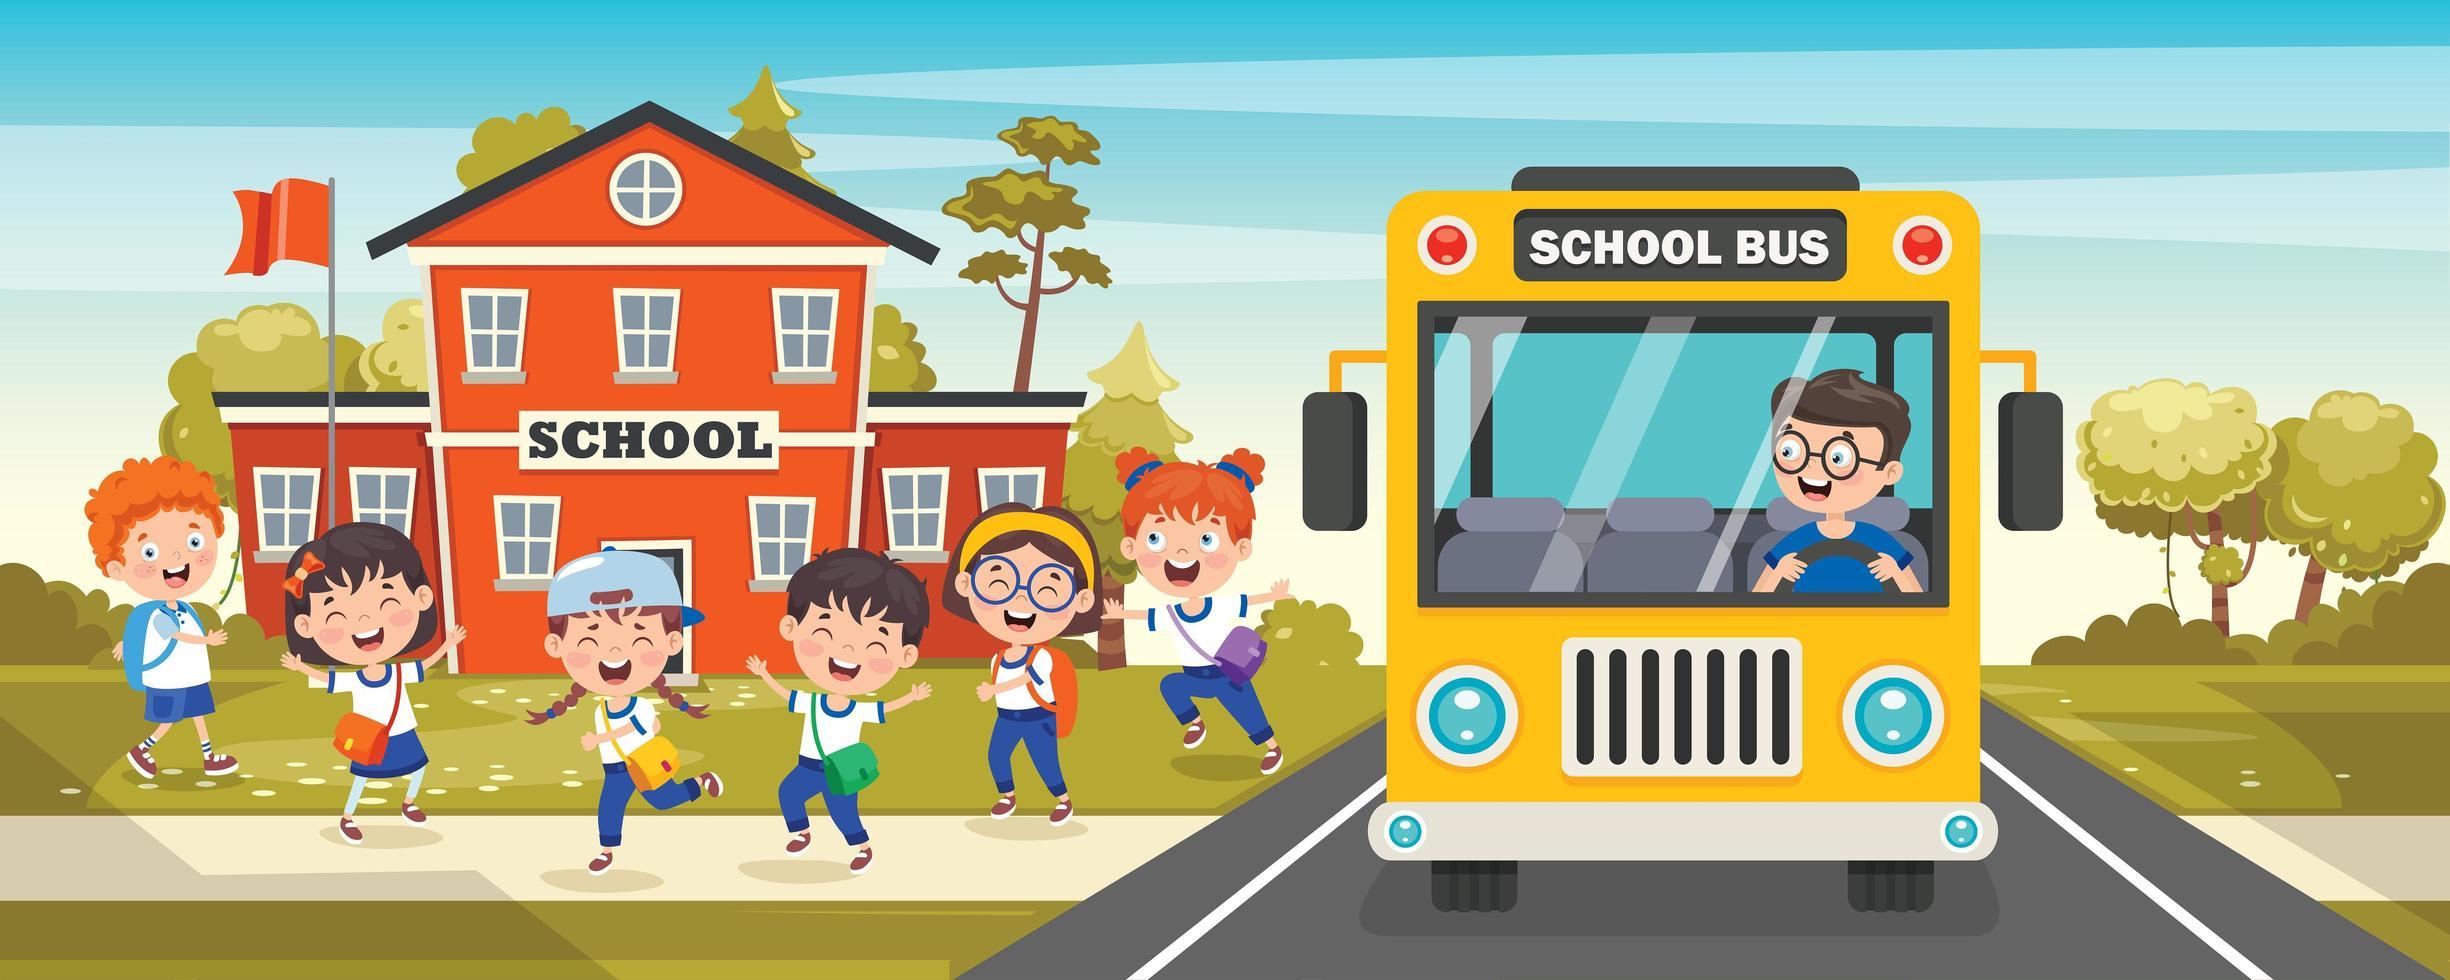 School Bus Front with School Children Exiting vector